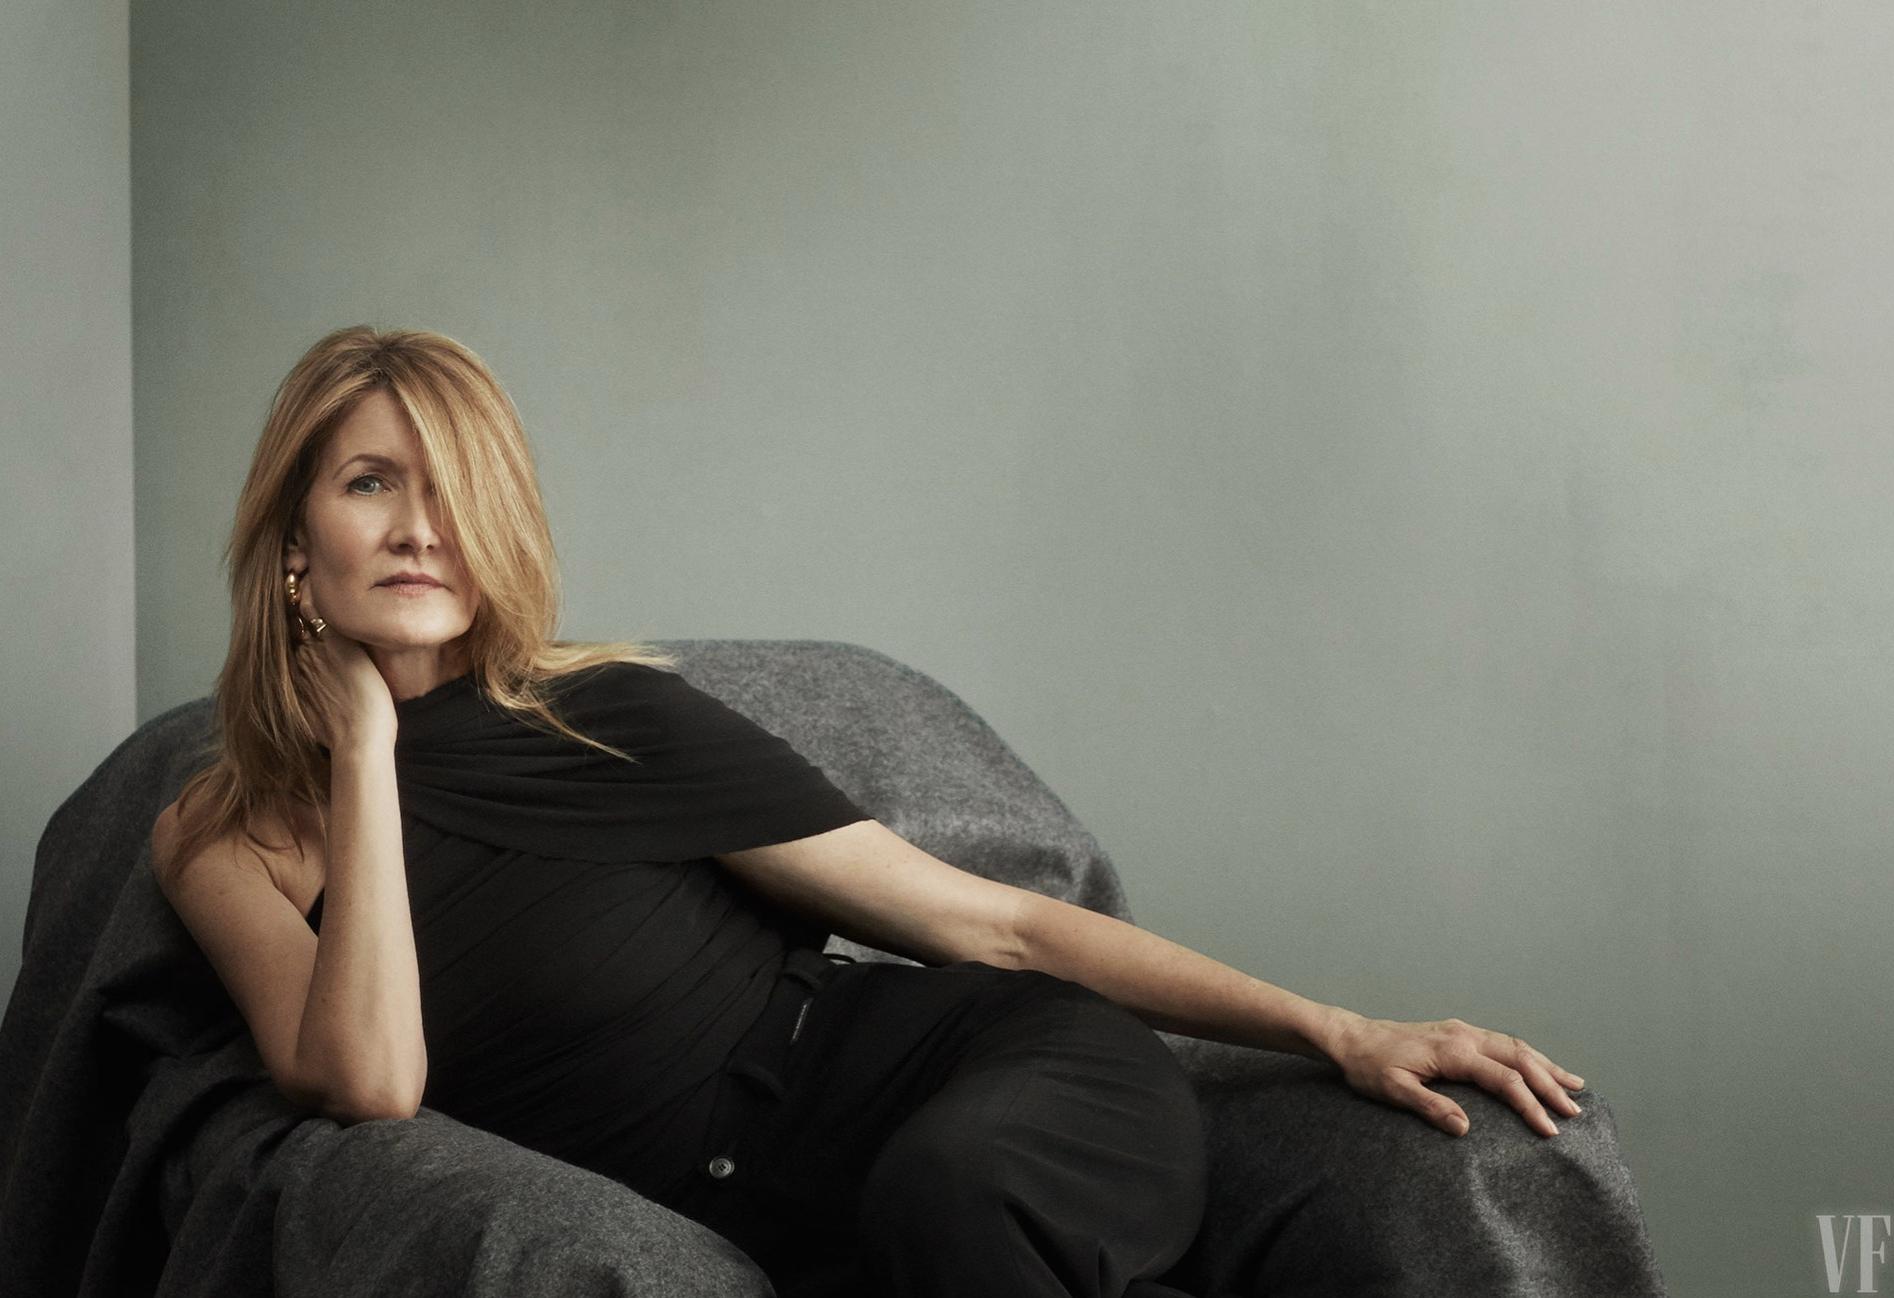 Laura Dern sexy photo shoot